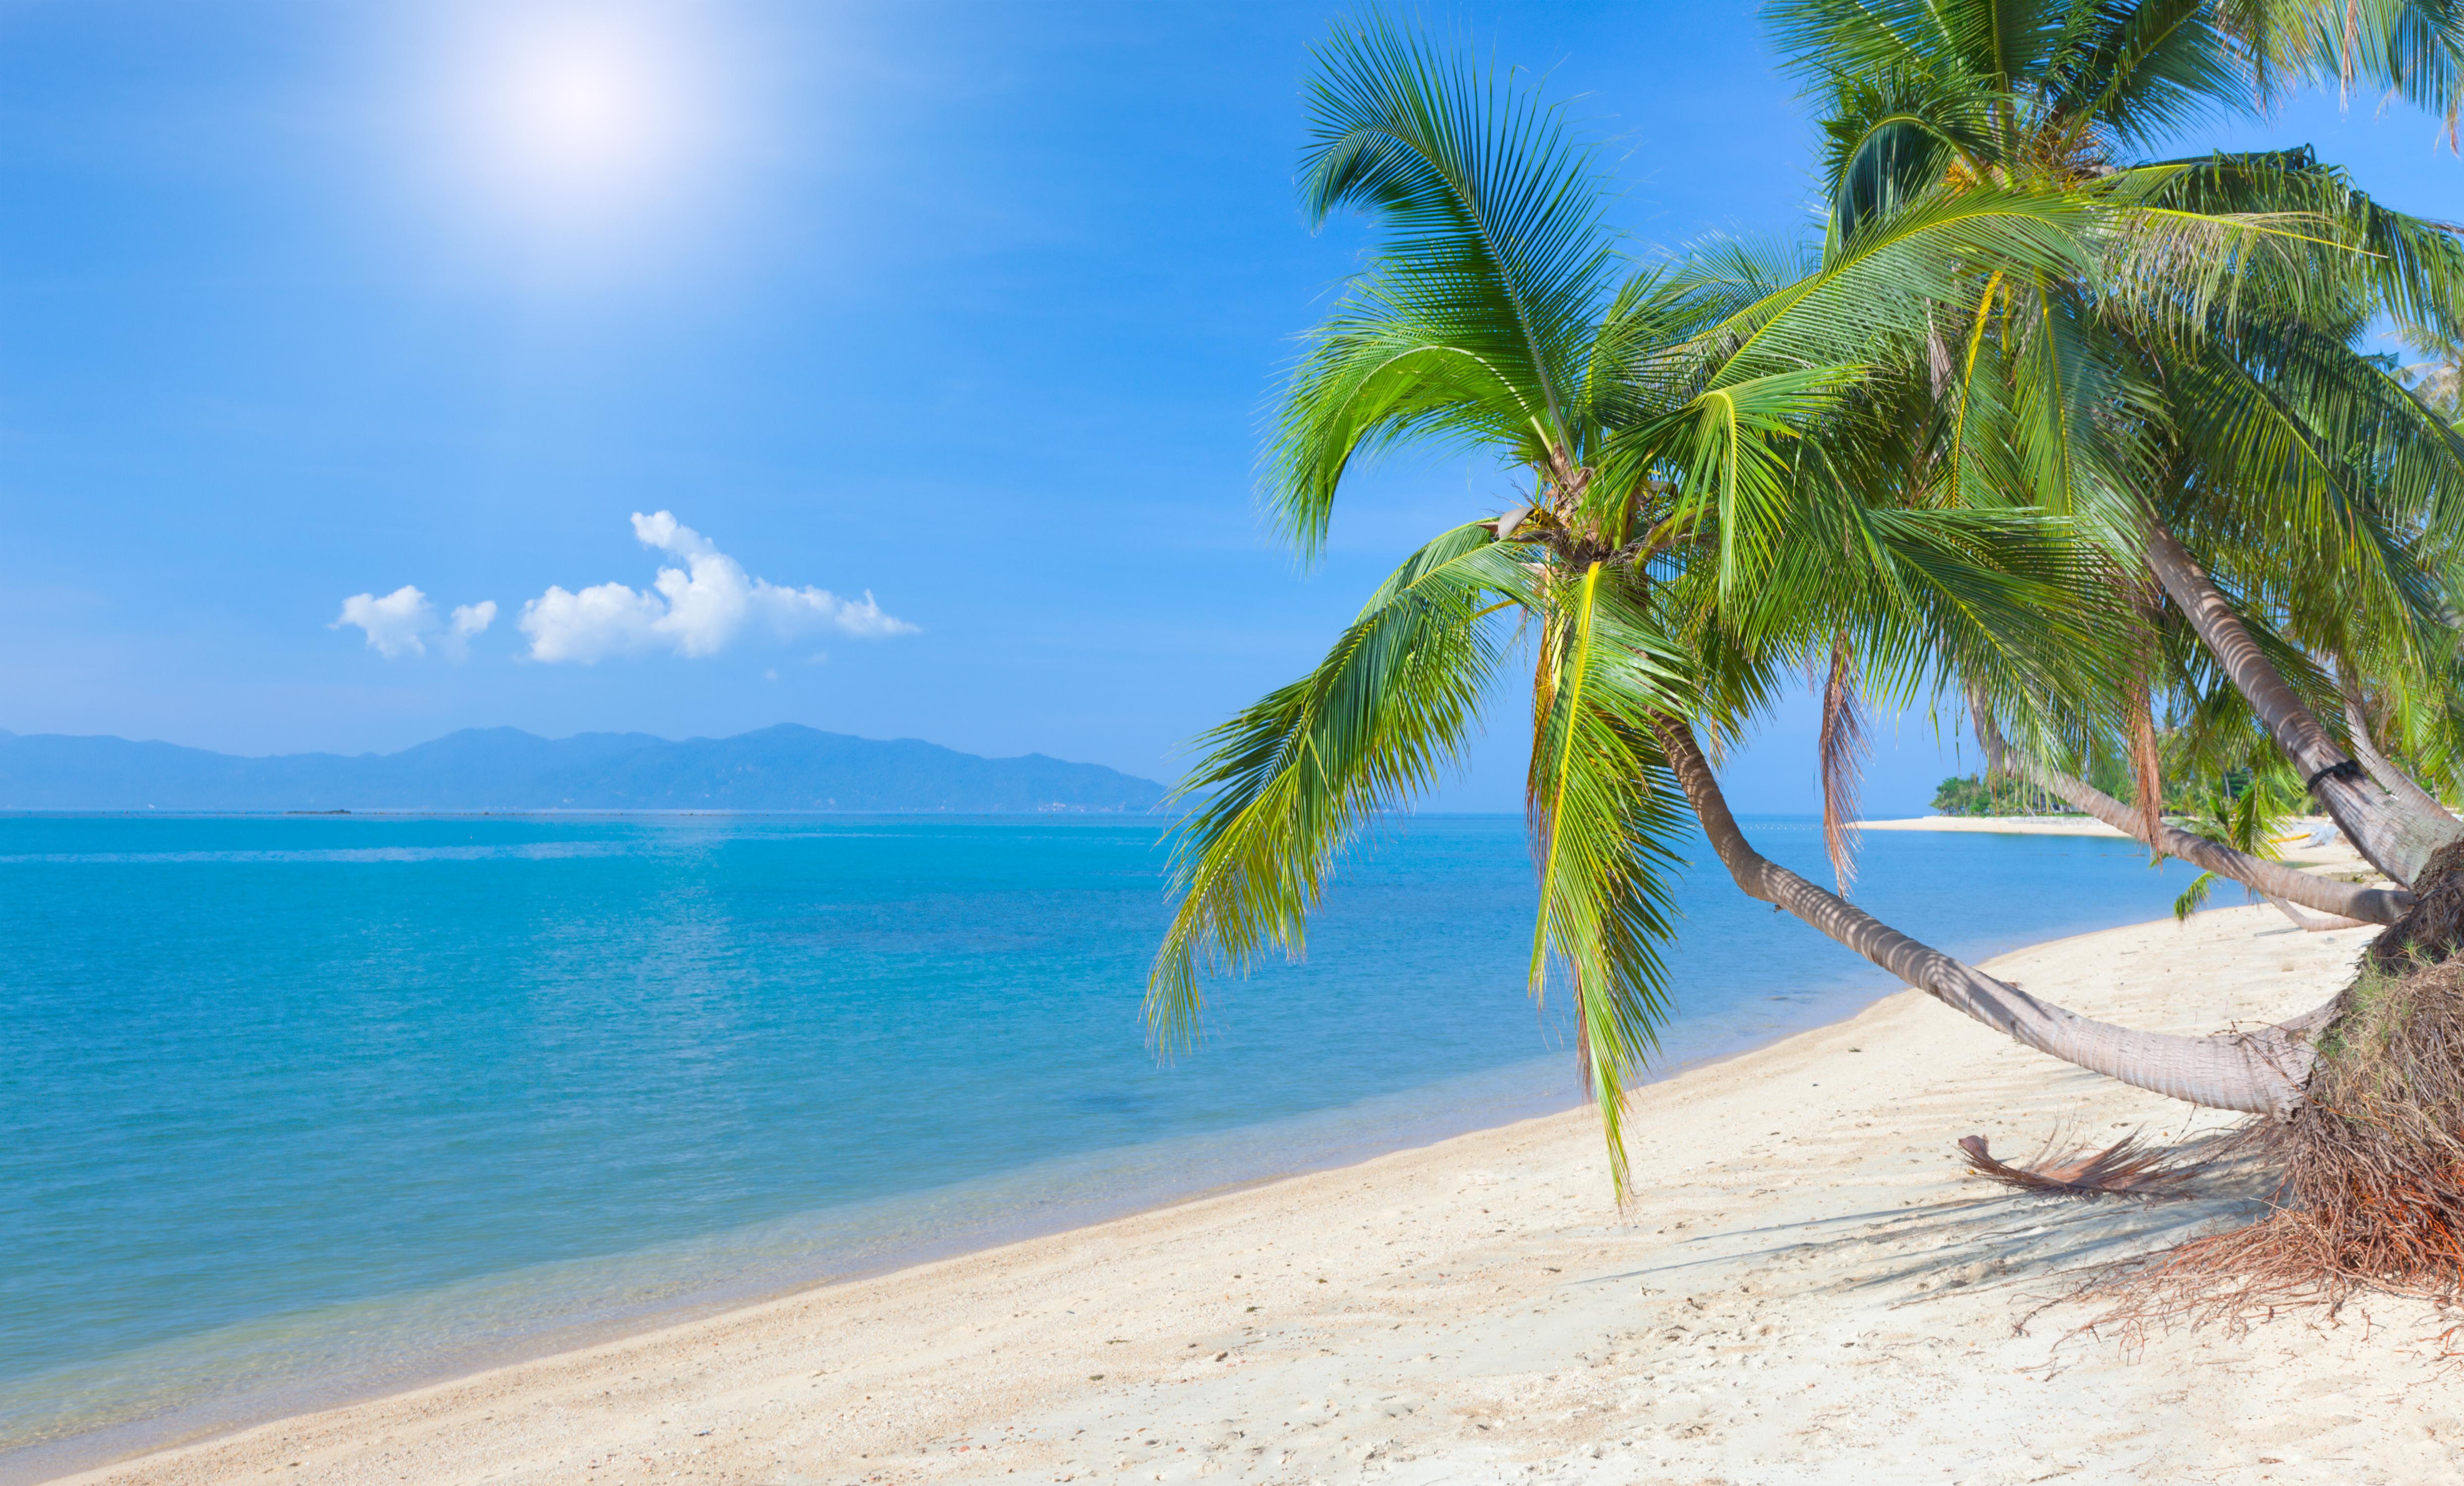 Море песок пляж пальмы  № 3898027  скачать